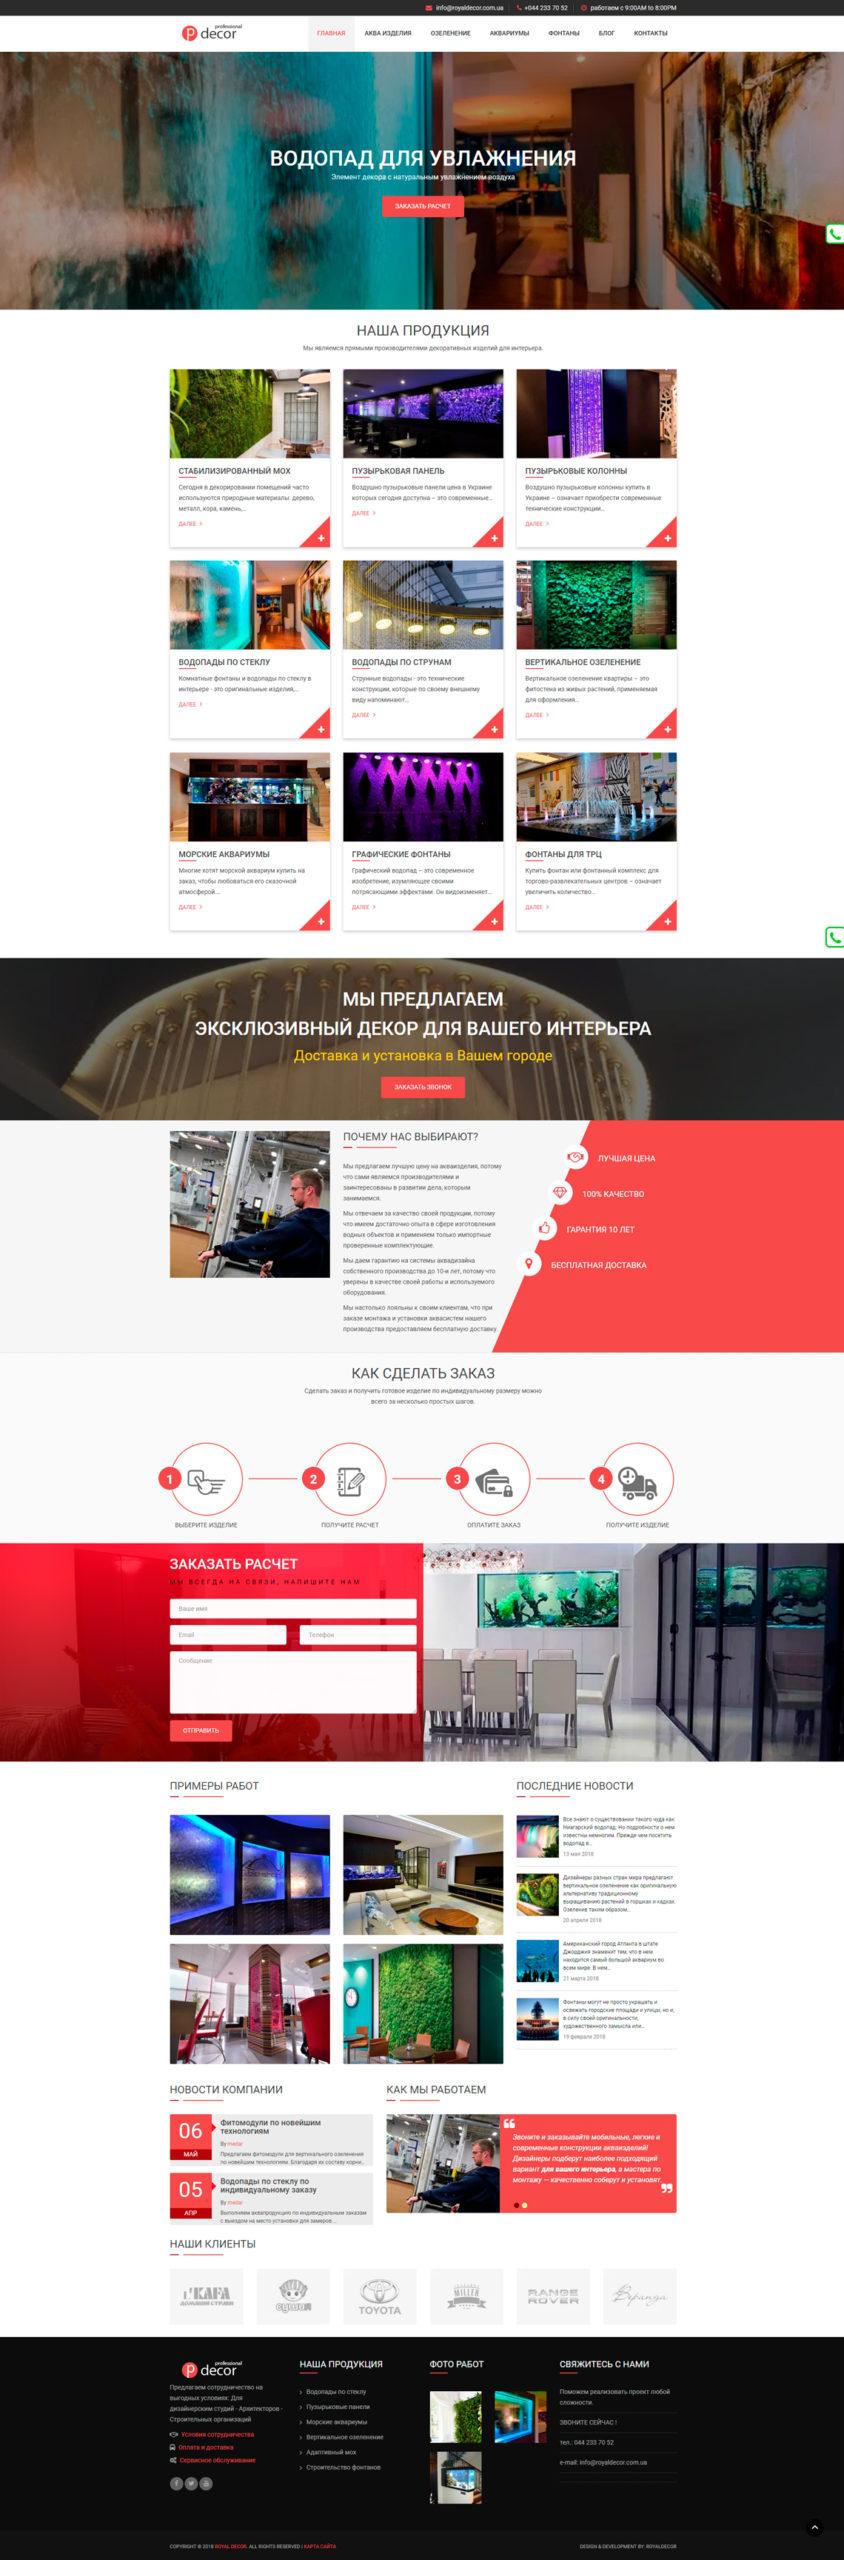 Разработка сайта для производителя домашних и оффисных водопадов — royaldecor.com.ua